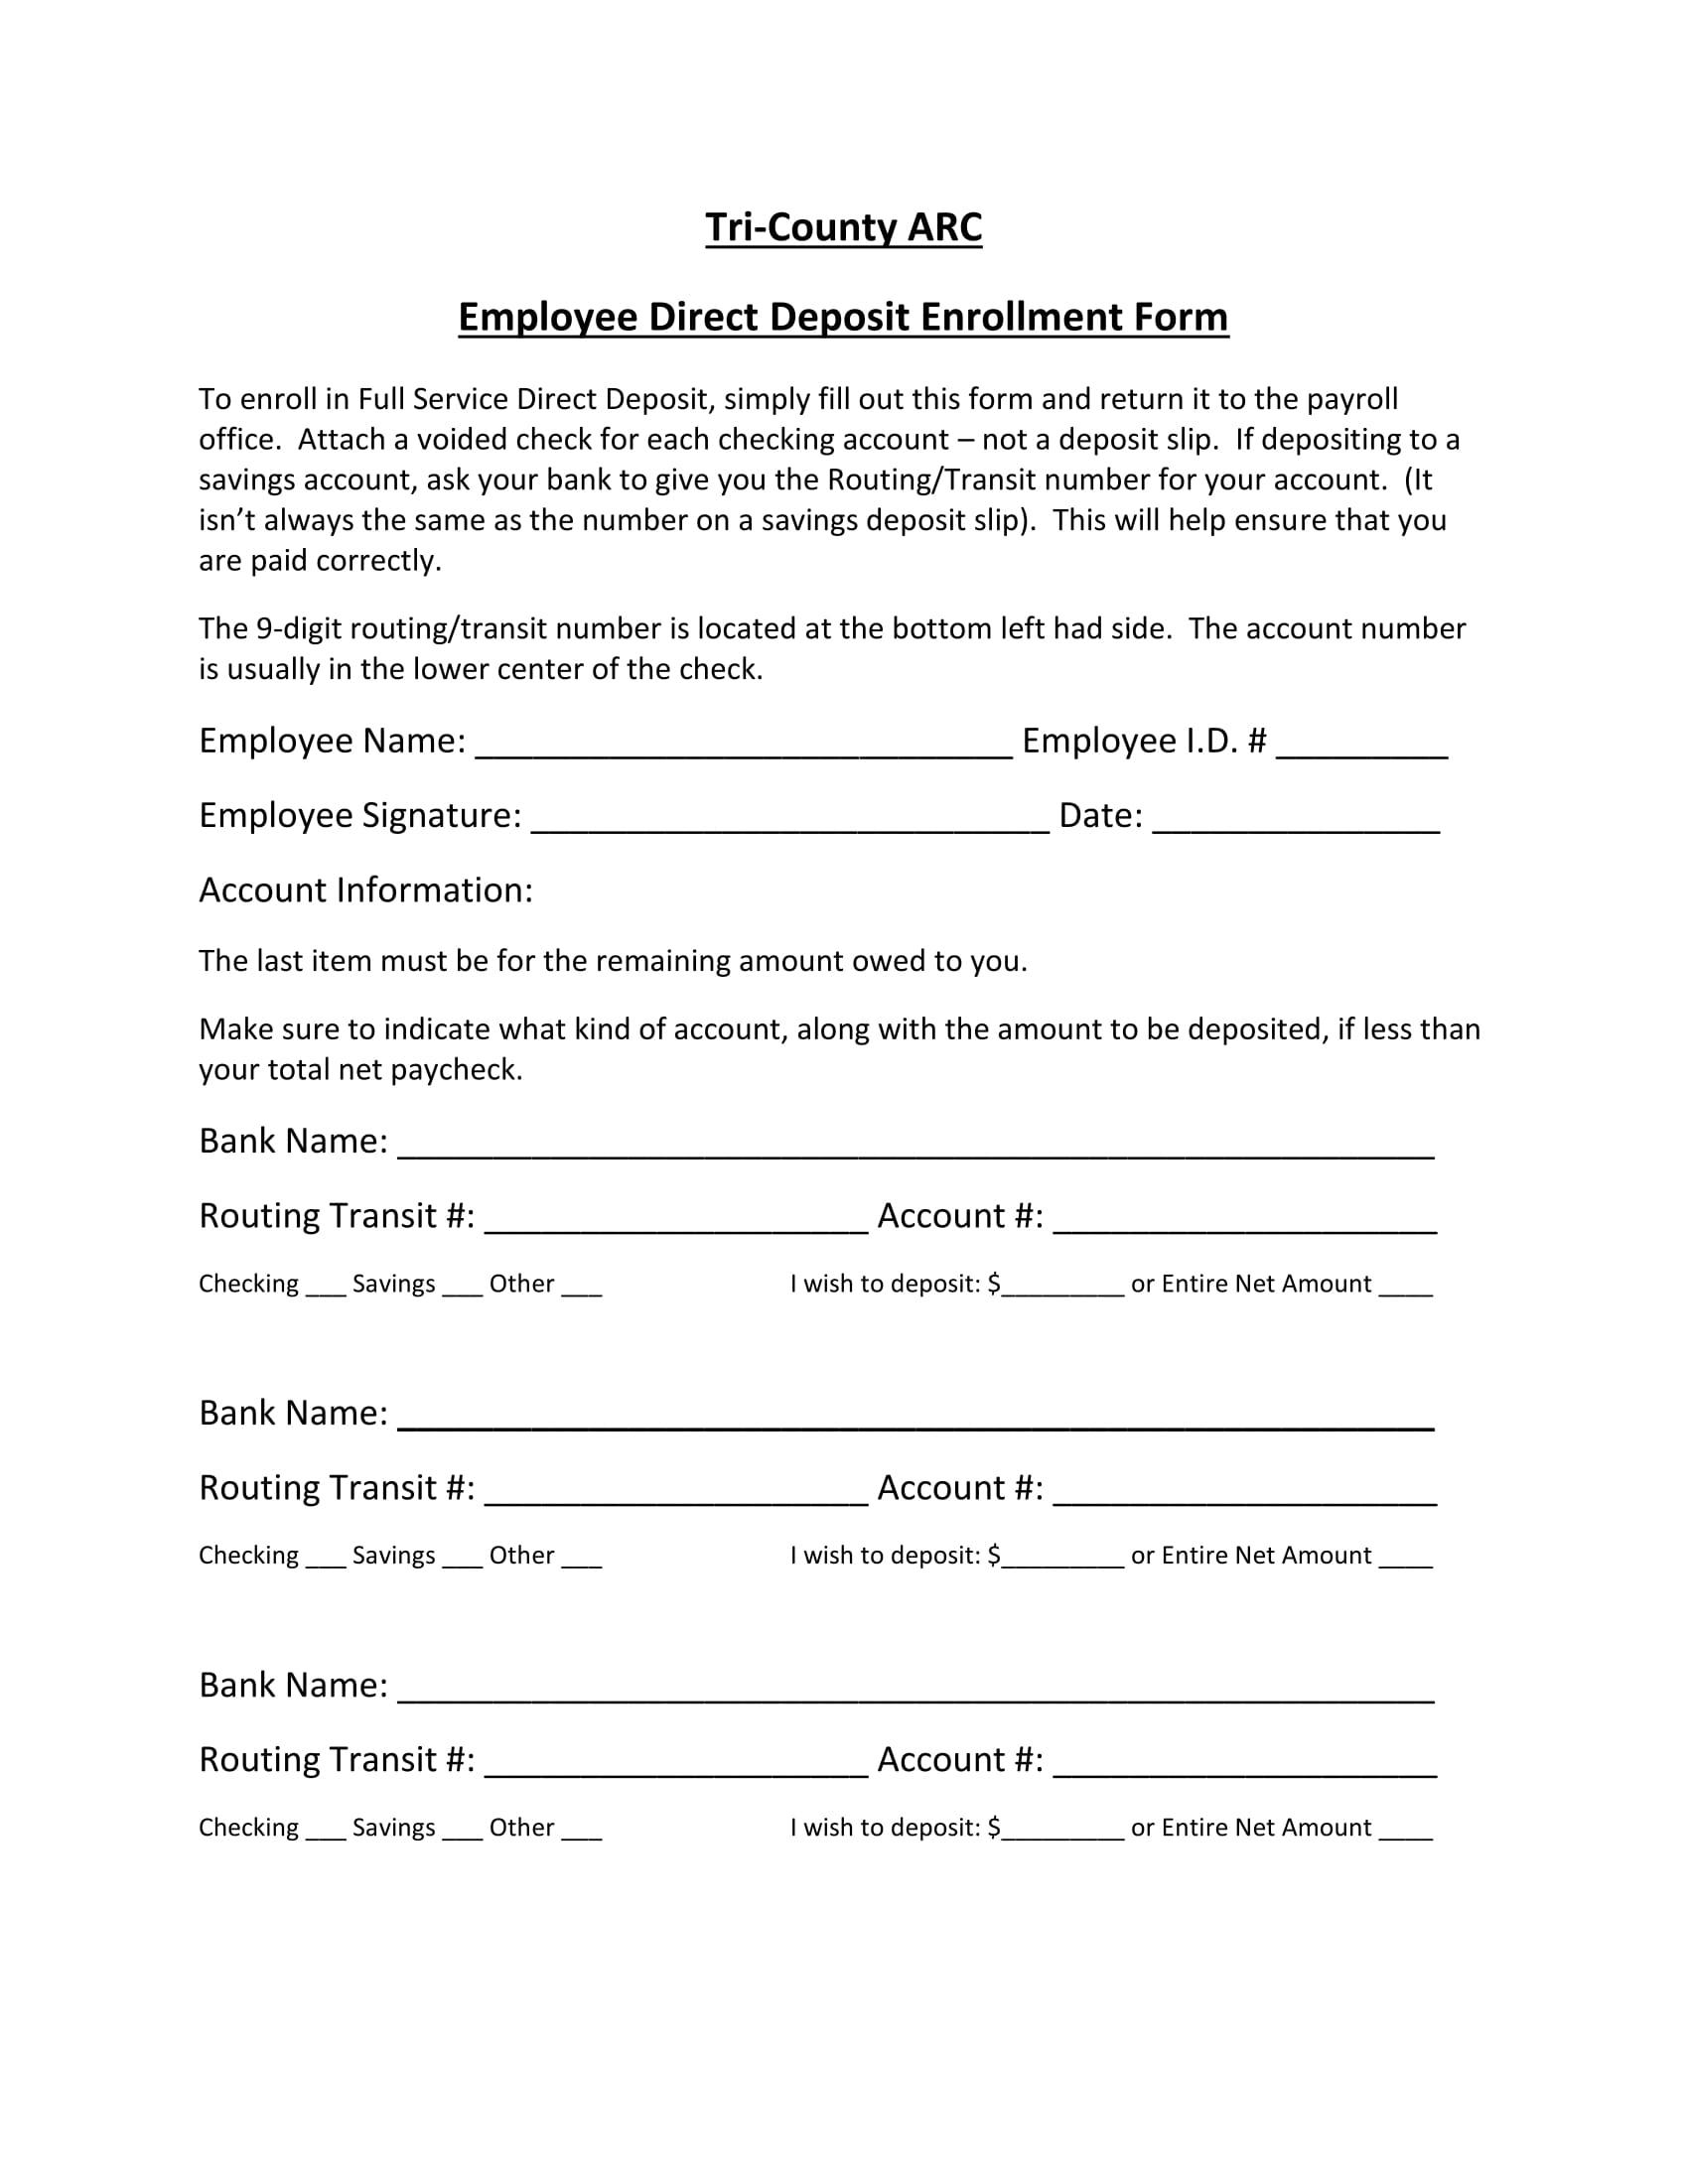 full service direct deposit enrollment form 1